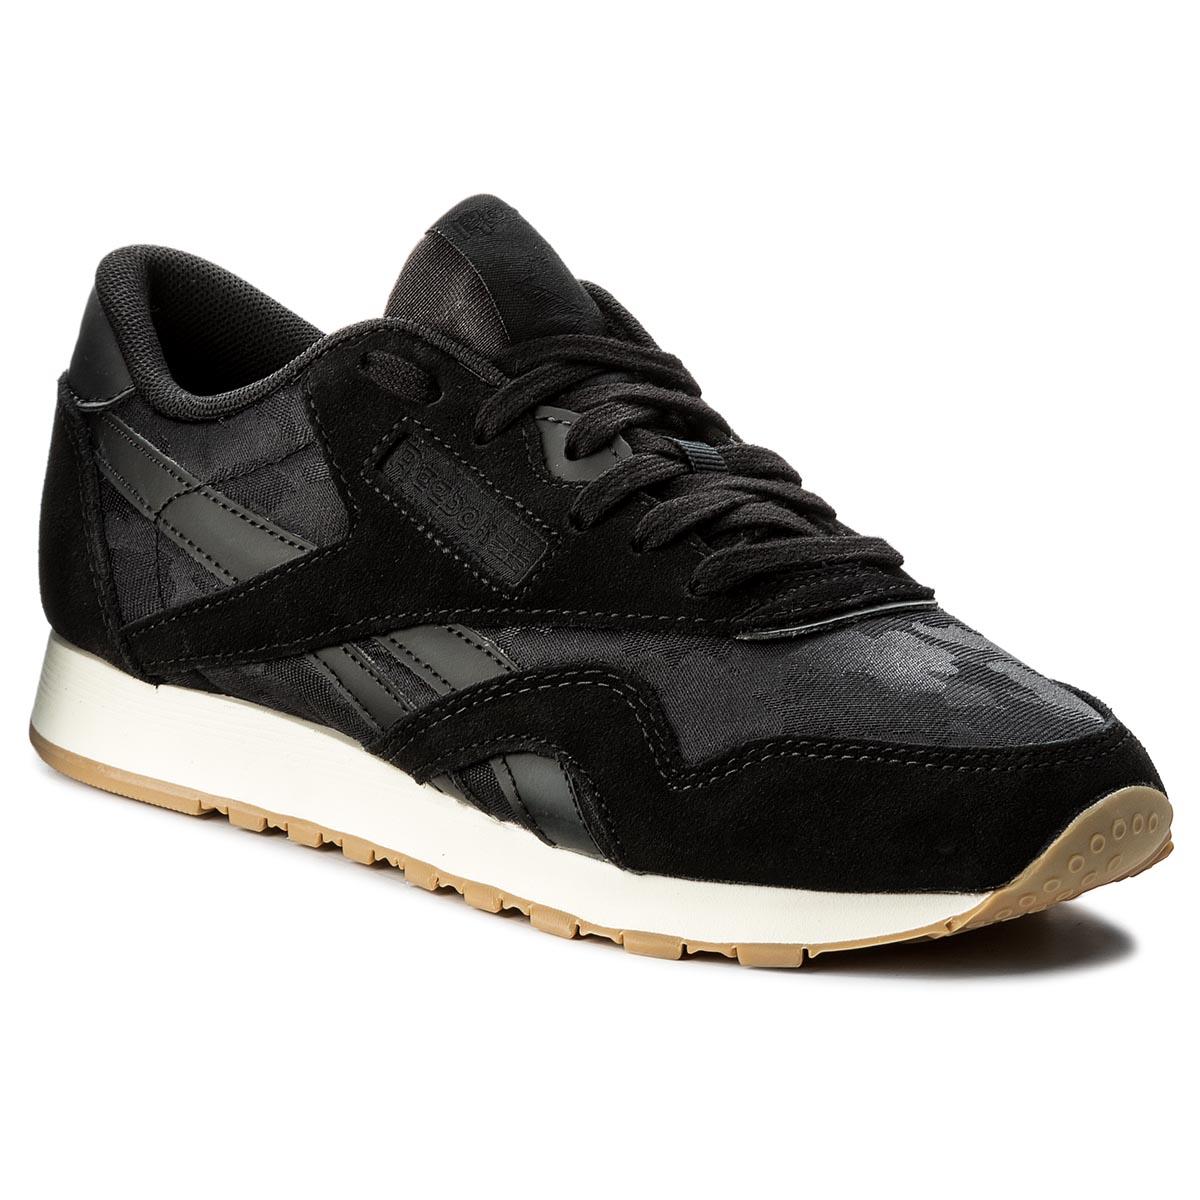 best loved bde1c 364ce Shoes Reebok - Hayasu Ltd BS5907 Black Oil Slick White Vlv - Fitness ...